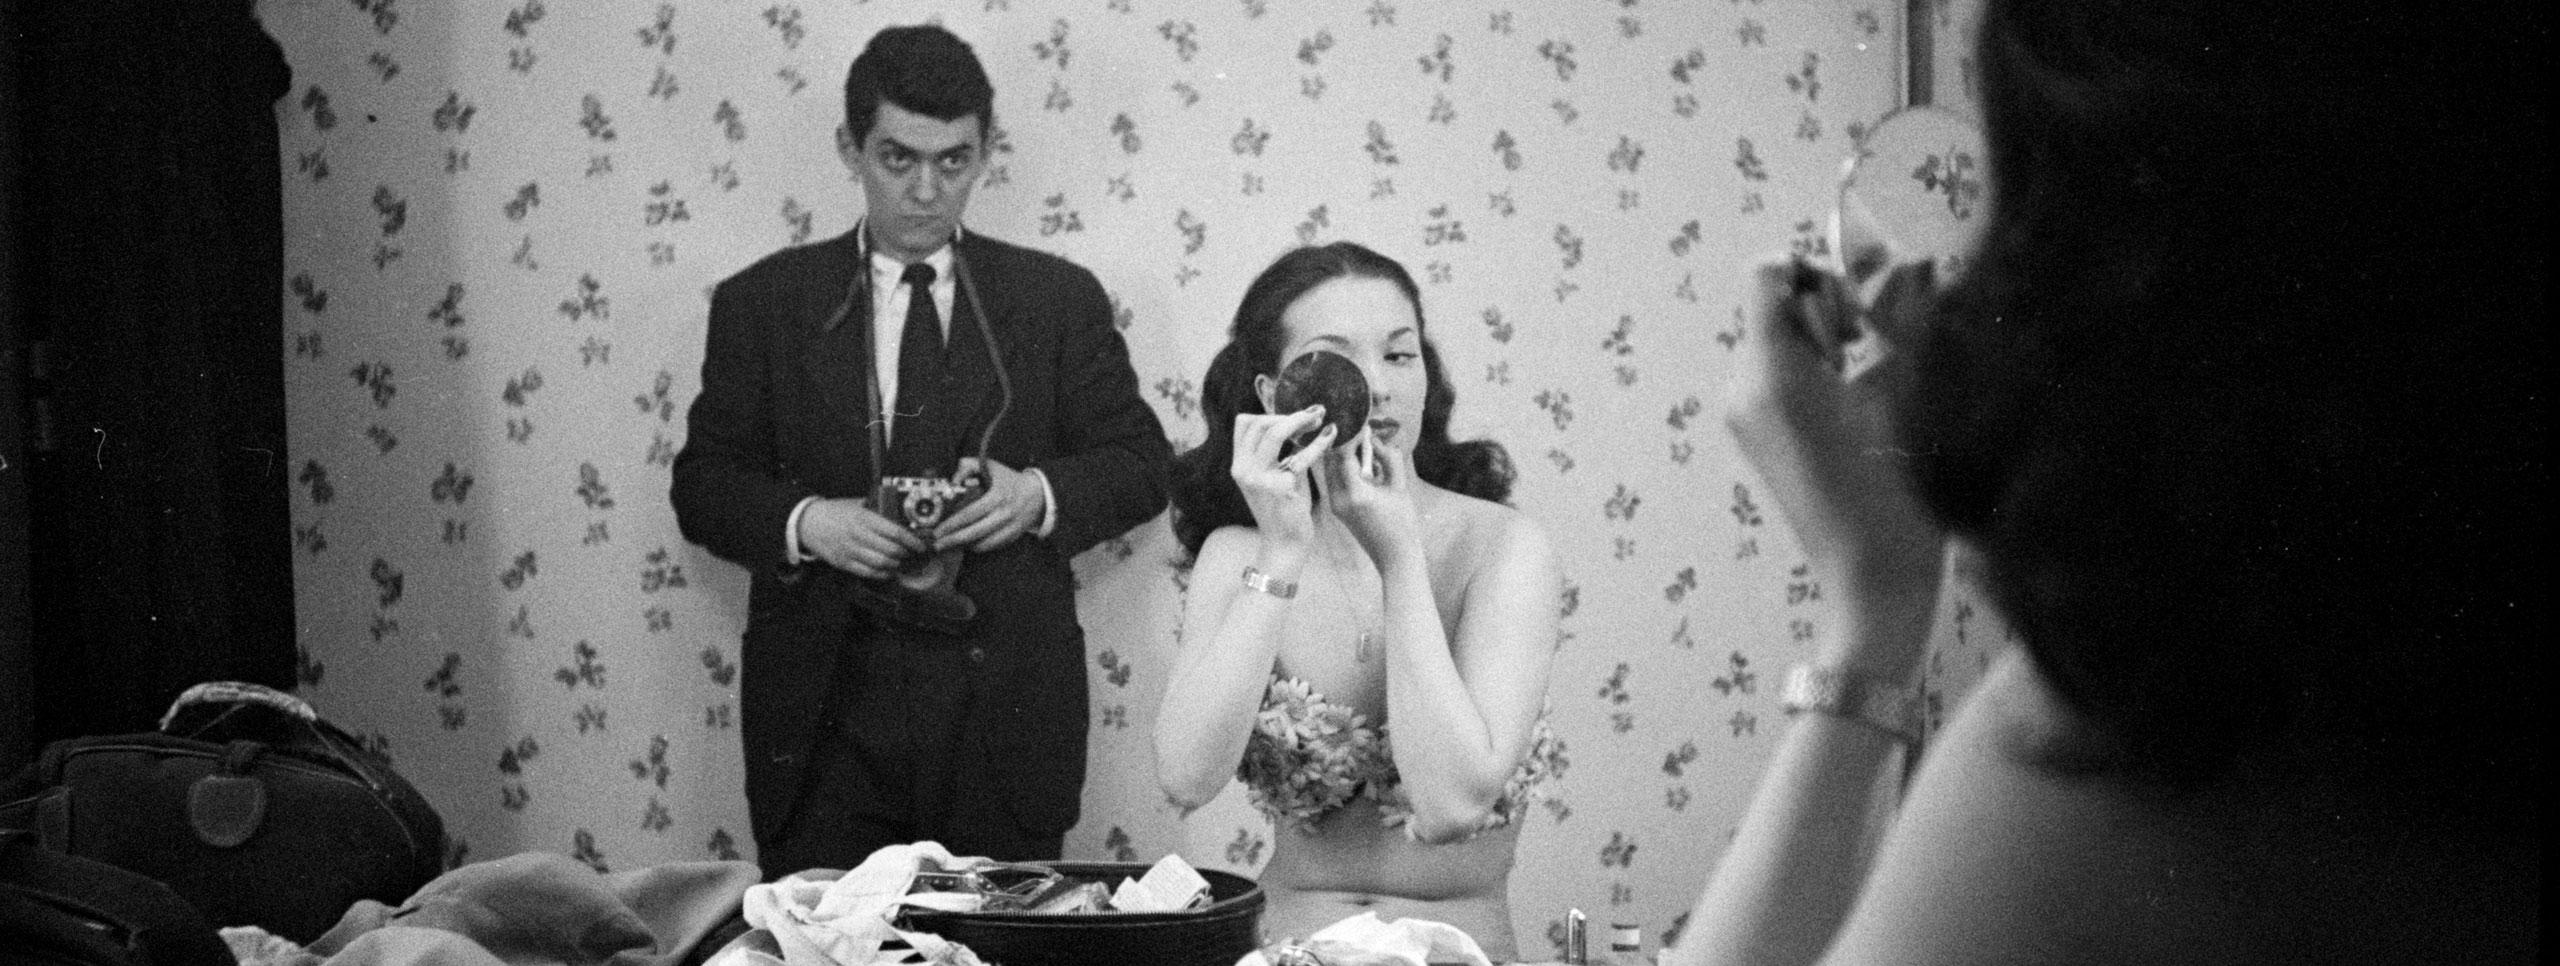 鏡の反射で撮影された女性は、コンパクトミラーを使用して化粧をします